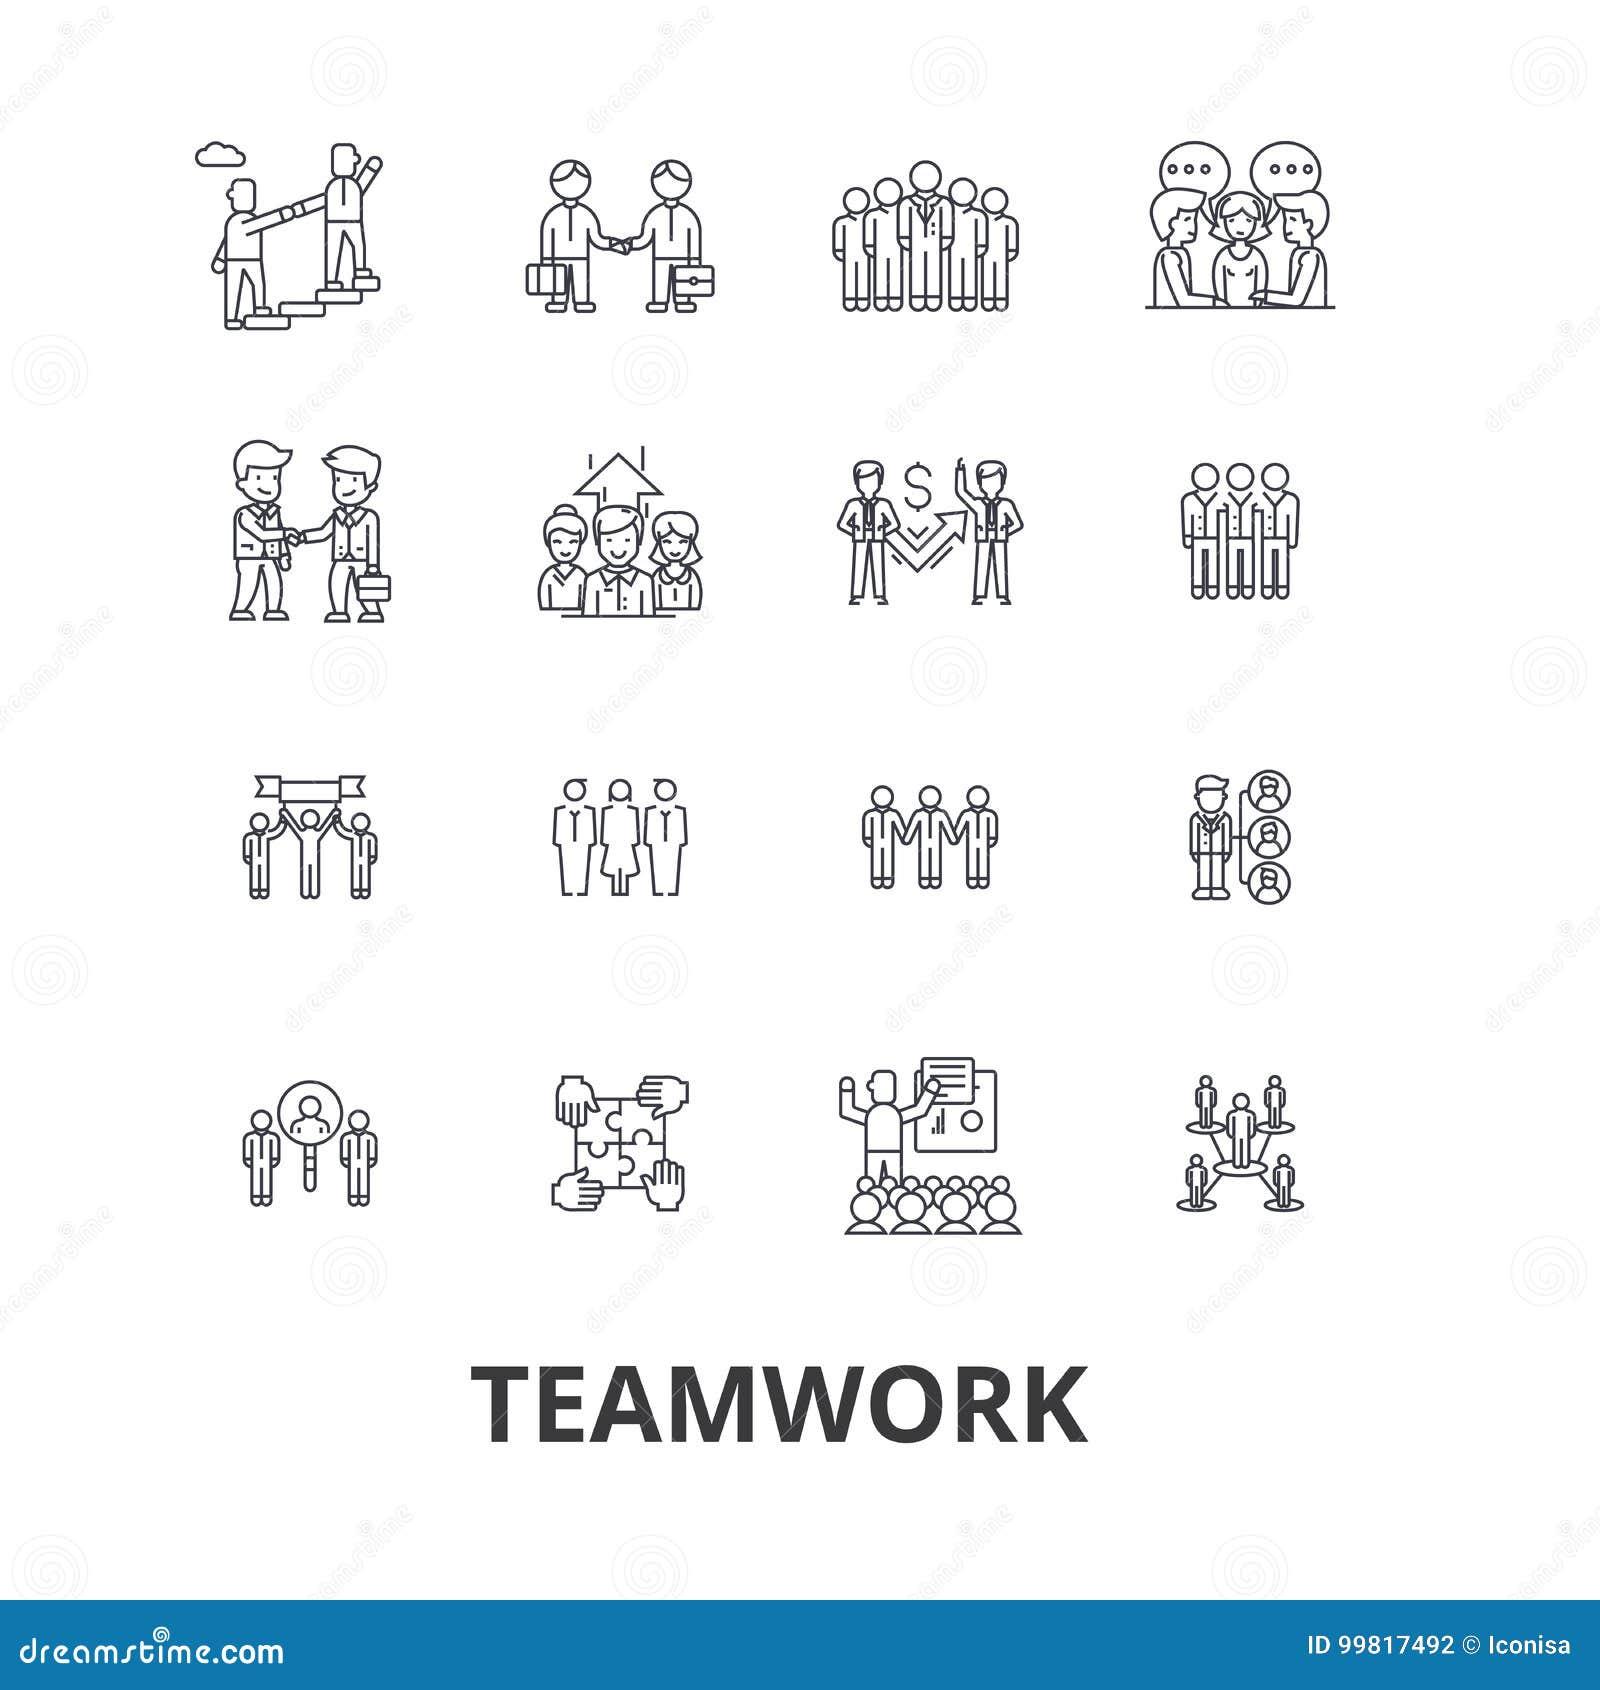 Ομαδική εργασία, ομάδα, έννοια, που λειτουργεί μαζί, συνεργασία, επιτυχία, εικονίδια γραμμών συνεργασίας Κτυπήματα Editable Επίπε